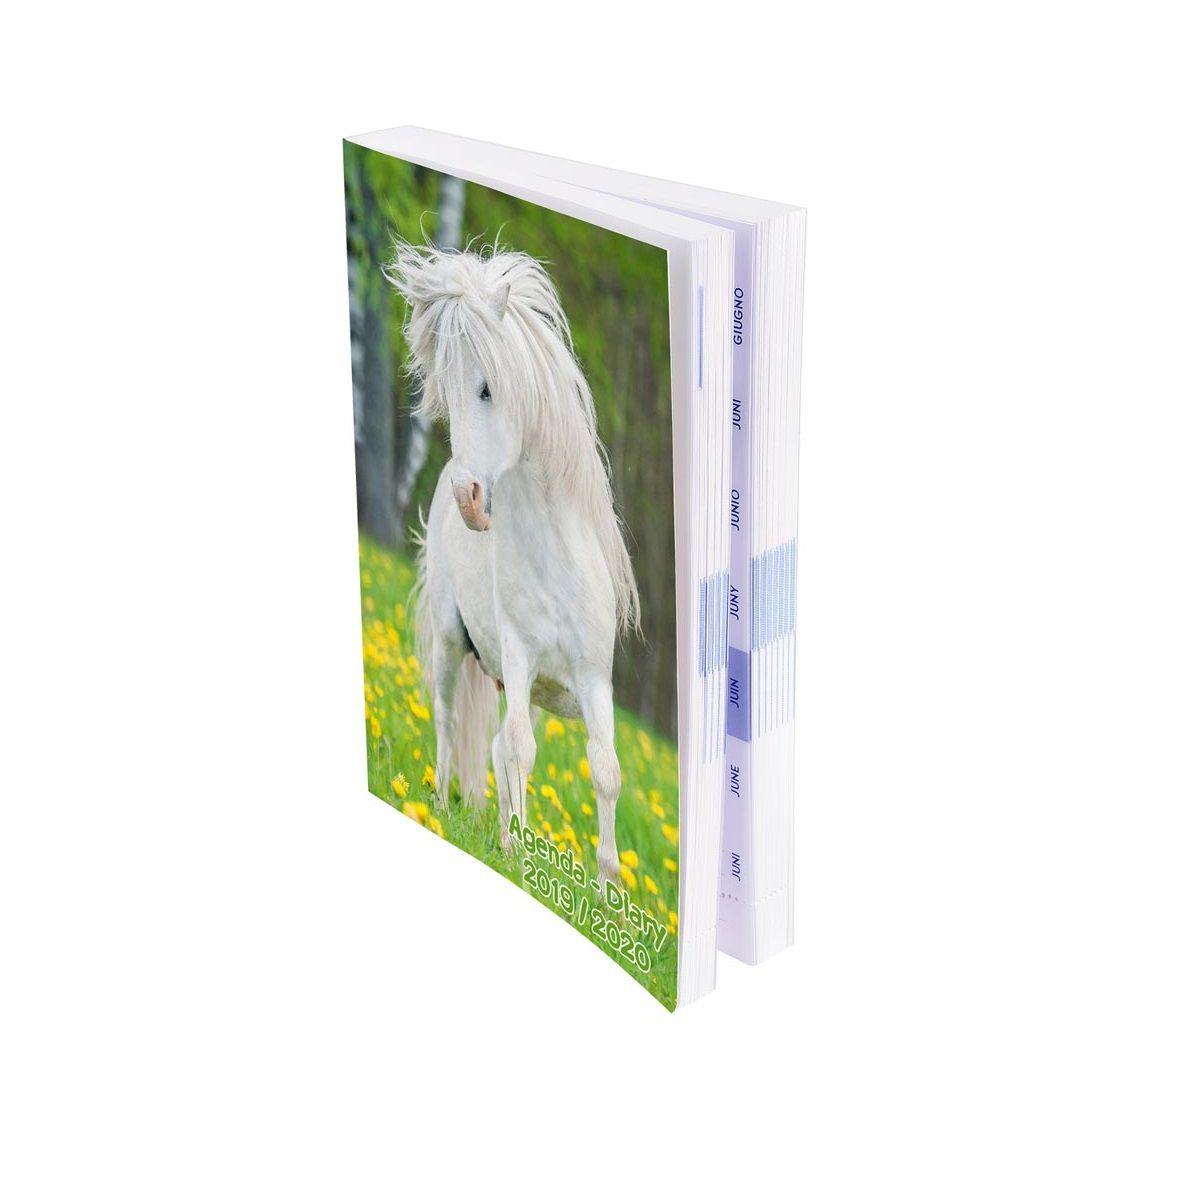 Agenda scolaire journalier fille 384 pages 12x17cm couverture vernie animaux domestiques poney blanc 2019 2020